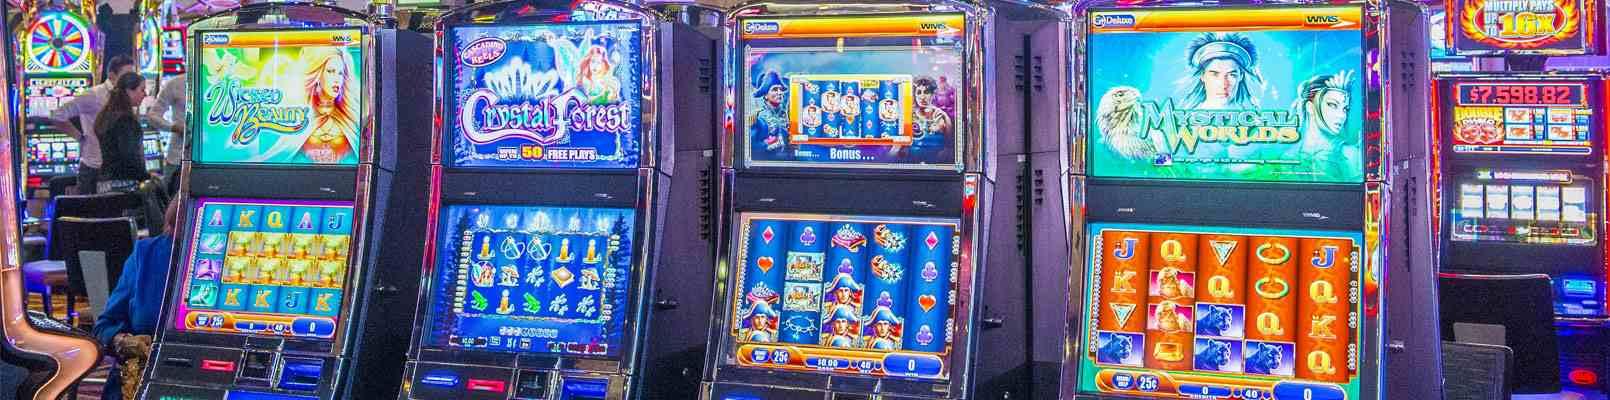 online bonus casino Romania